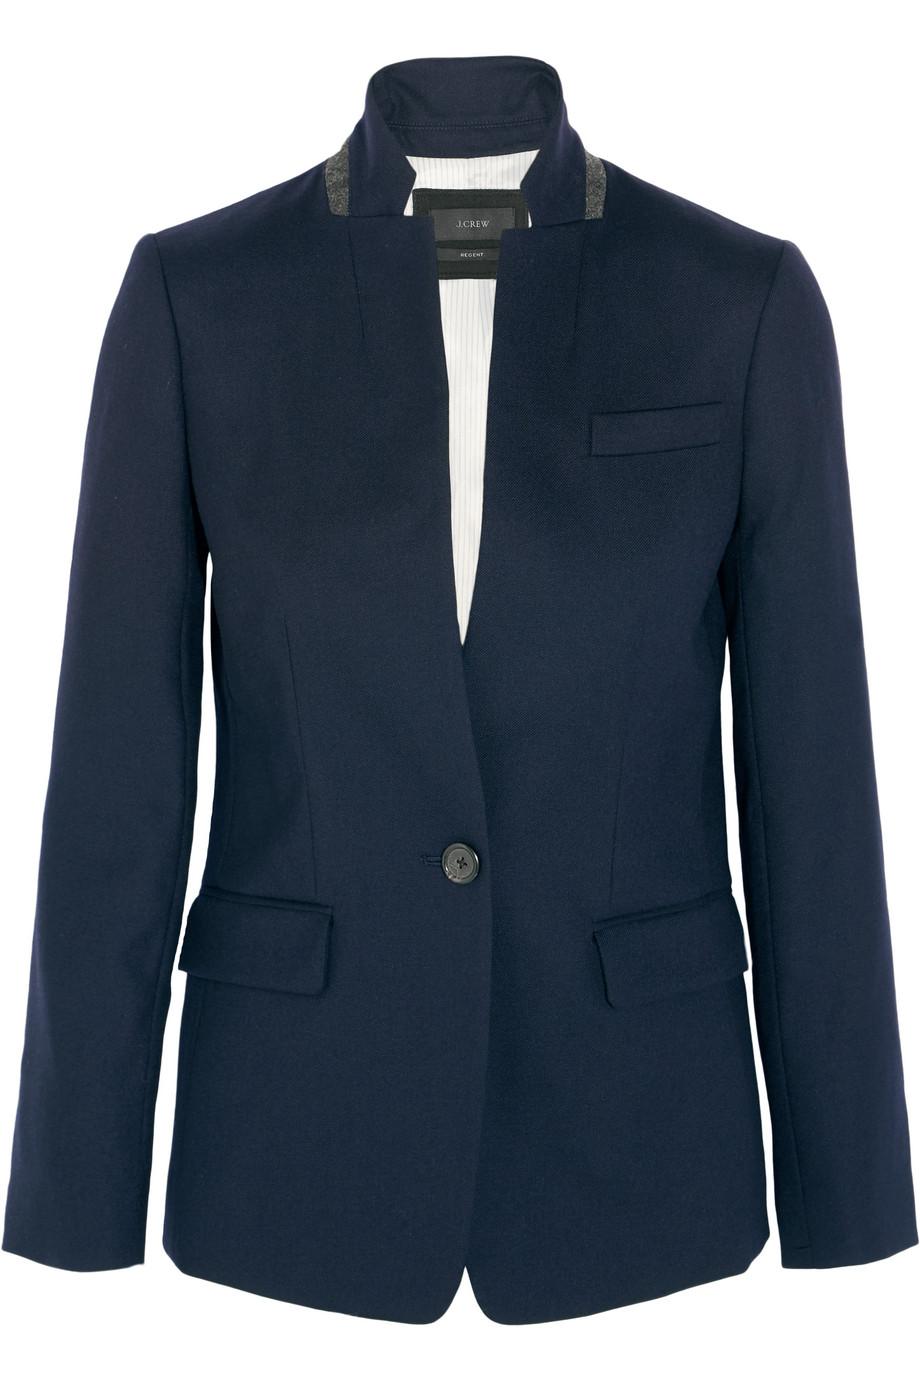 J.Crew Regent Stretch-Wool Blazer, Navy, Women's, Size: 2